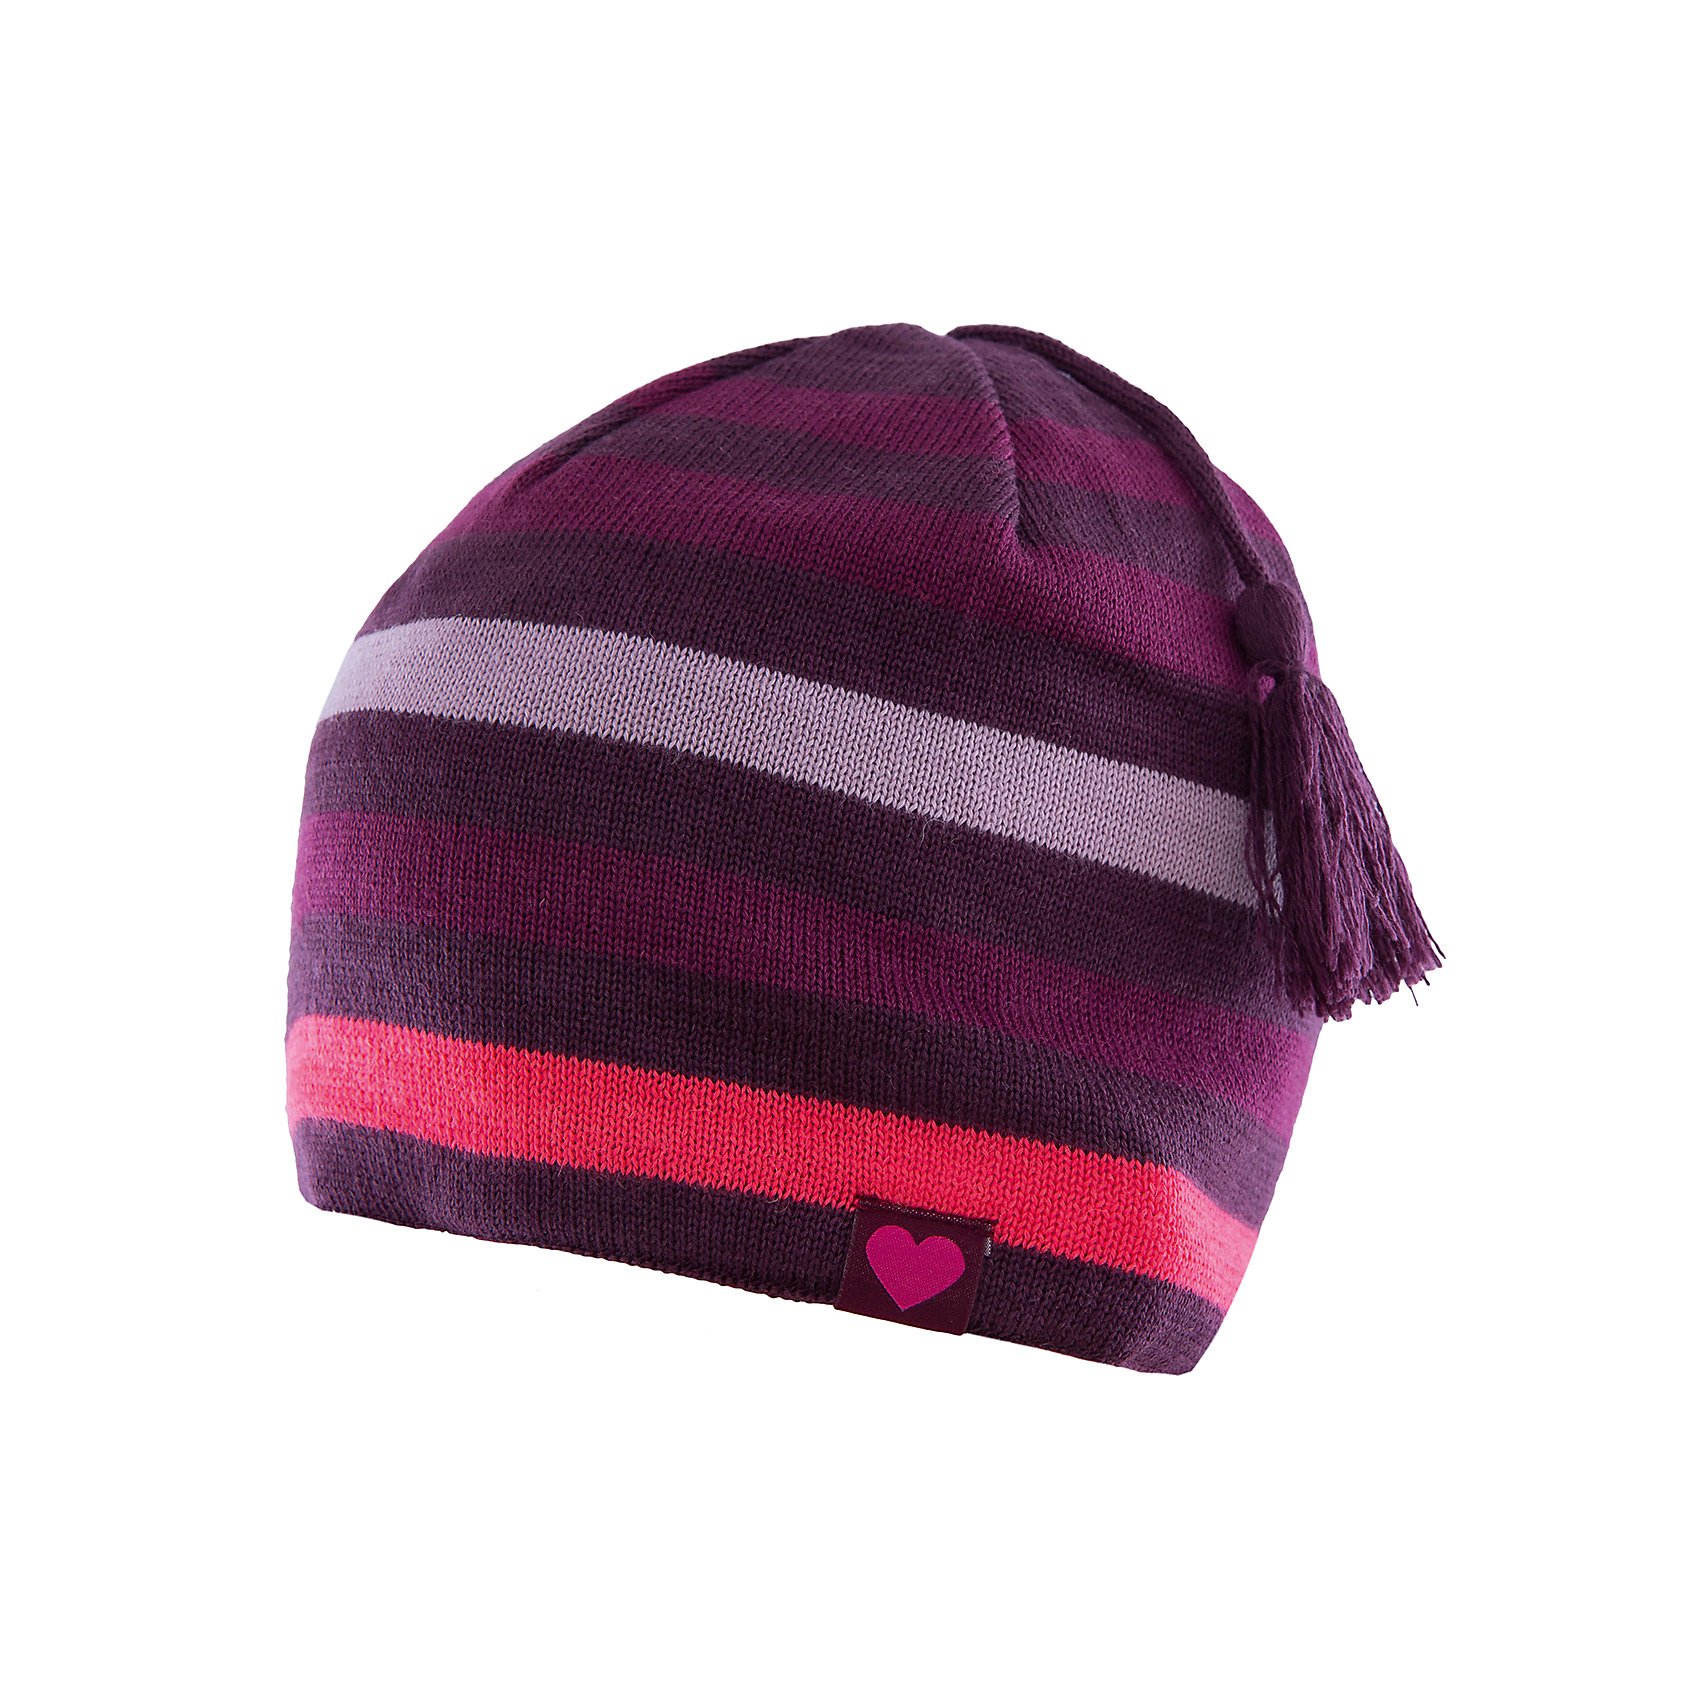 Шапка LASSIEШапки и шарфы<br>Шапка «Бини» для детей известной финской марки.<br><br>- Мягкая и теплая ткань из смеси шерсти.<br><br>- Ветронепроницаемые вставки в области ушей.<br>- Мягкая теплая подкладка из флиса. <br>- Помпон сверху. <br>- Декоративная структура поверхности. <br>- Светоотражающая эмблема Lassie® спереди.  <br><br>Рекомендации по уходу: Придать первоначальную форму вo влажном виде. <br><br>Возможна усадка 5 %.Состав: 50% Шерсть, 50% полиакрил.<br><br>Ширина мм: 89<br>Глубина мм: 117<br>Высота мм: 44<br>Вес г: 155<br>Цвет: лиловый<br>Возраст от месяцев: 12<br>Возраст до месяцев: 24<br>Пол: Женский<br>Возраст: Детский<br>Размер: 46-48,54-56,50-52<br>SKU: 4780697